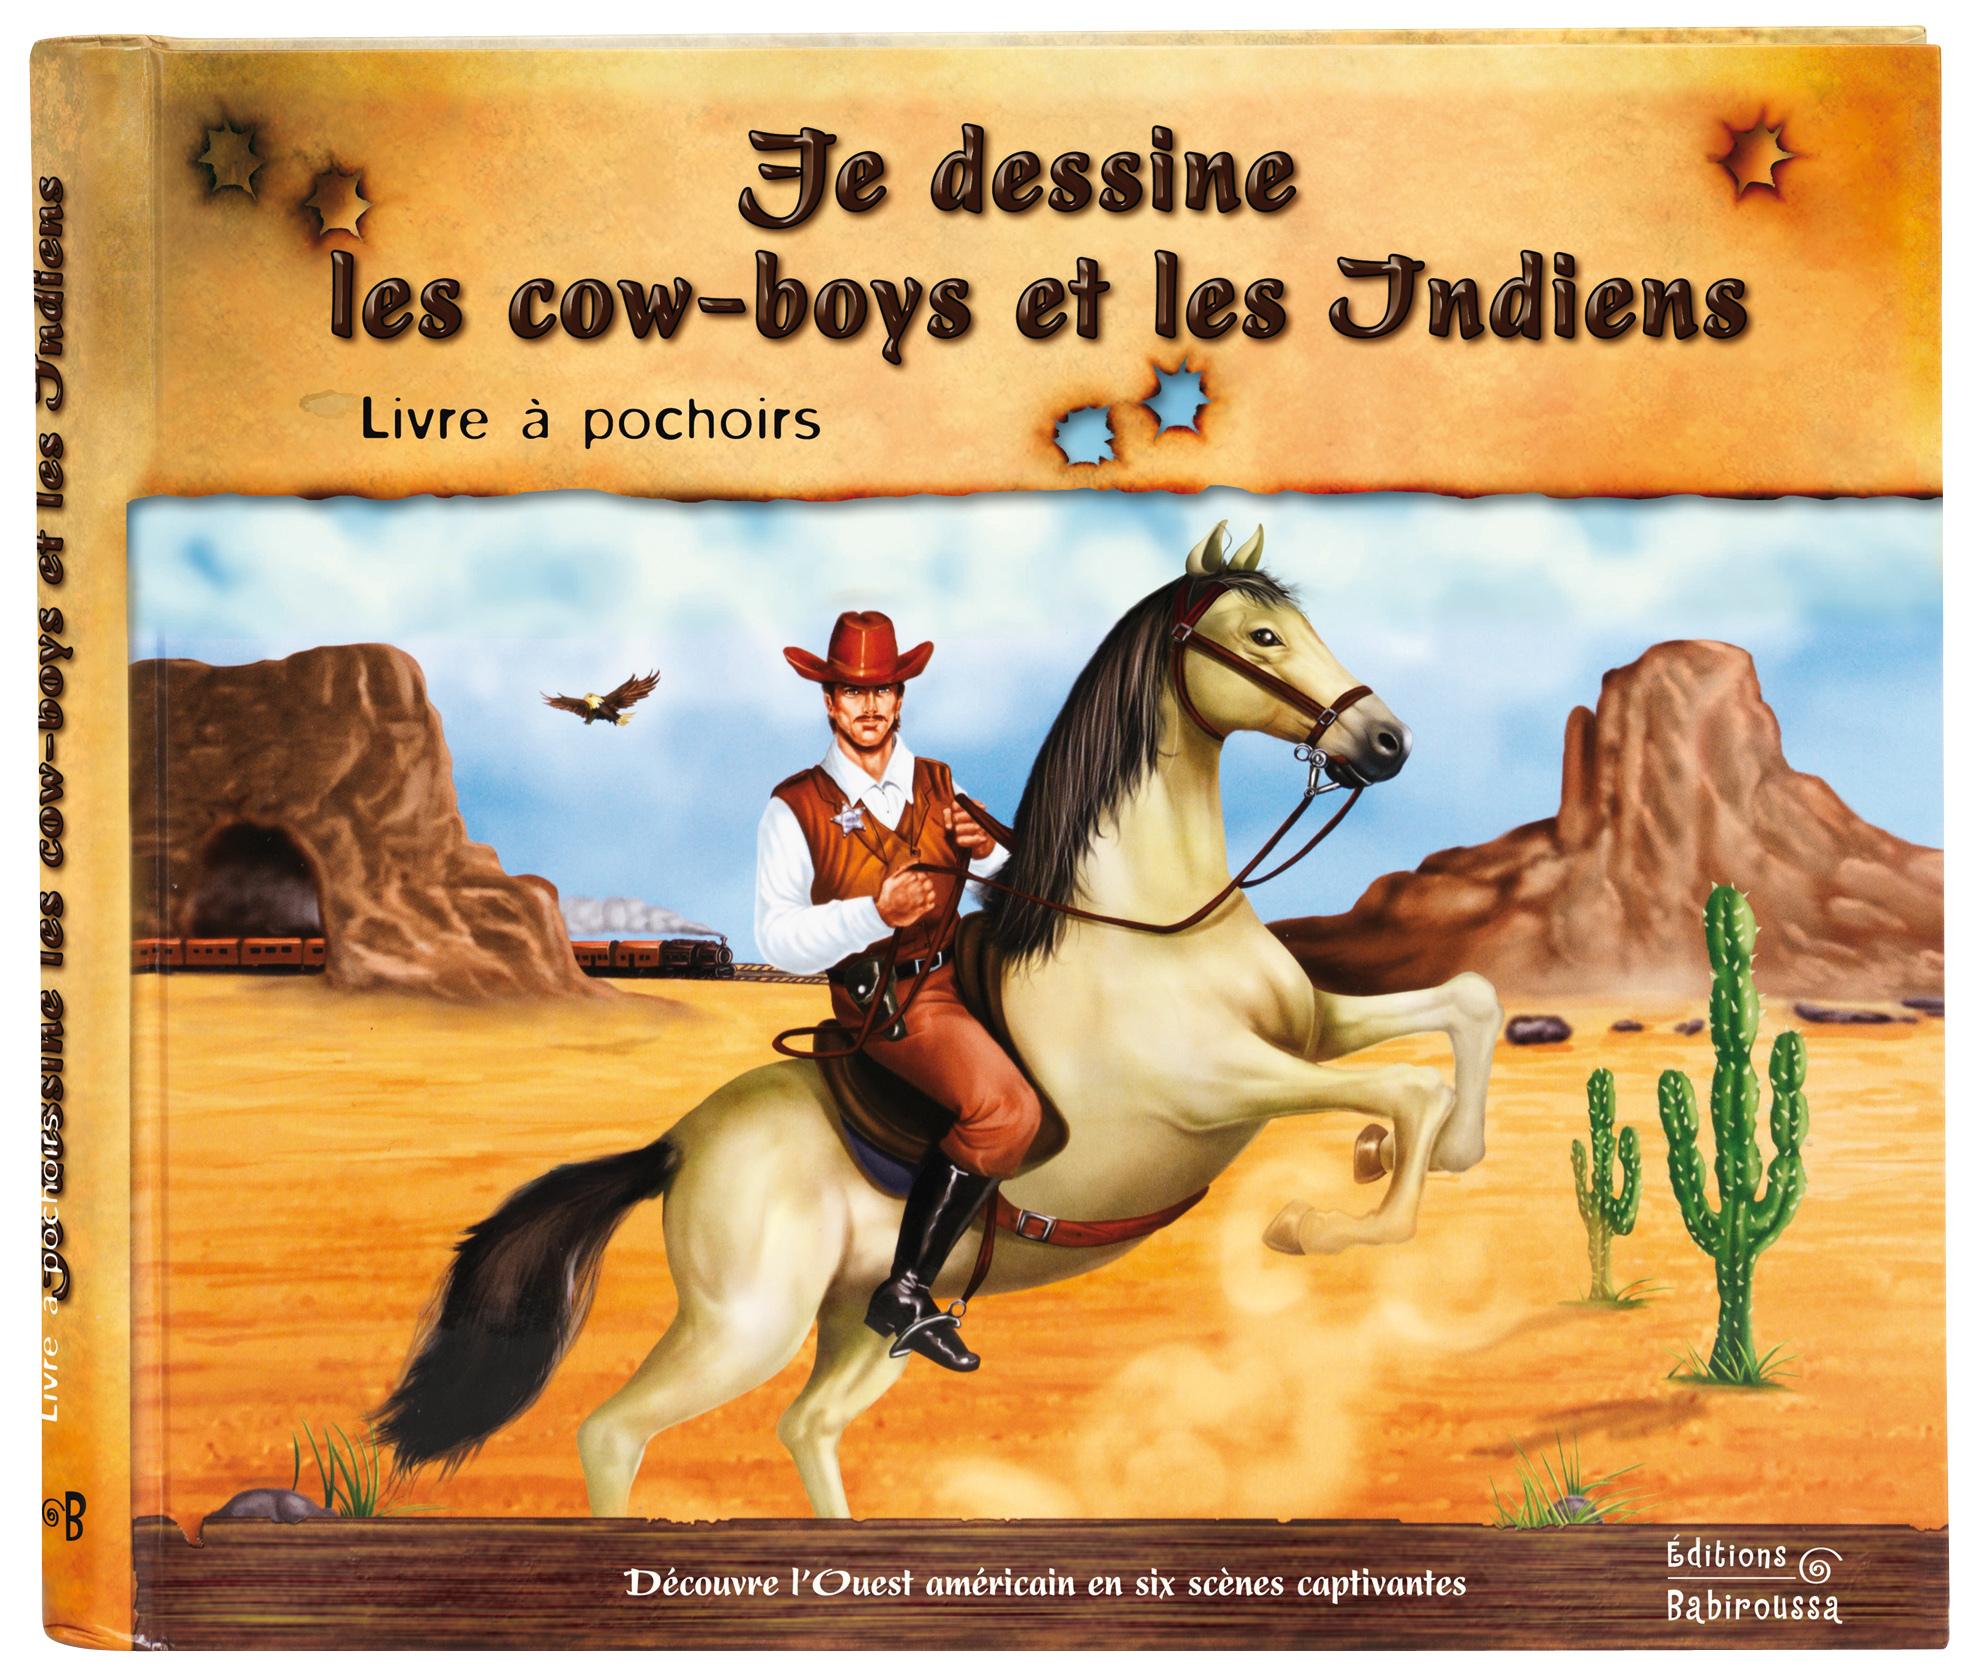 DESSINE LES COW-BOYS ET LES INDIENS